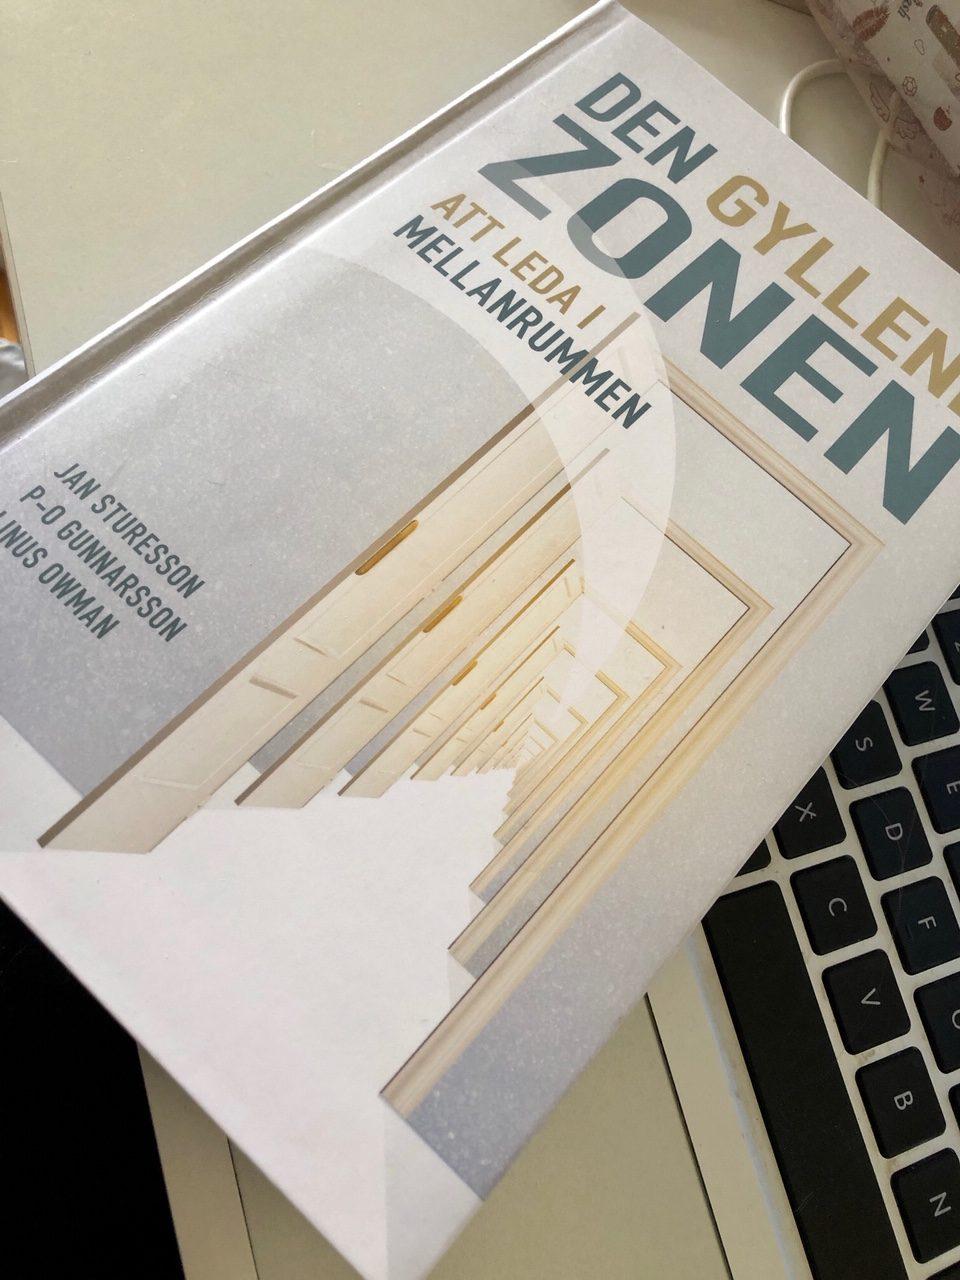 En ledarskapsbok: Den gyllene zonen att leda i mellanrummet